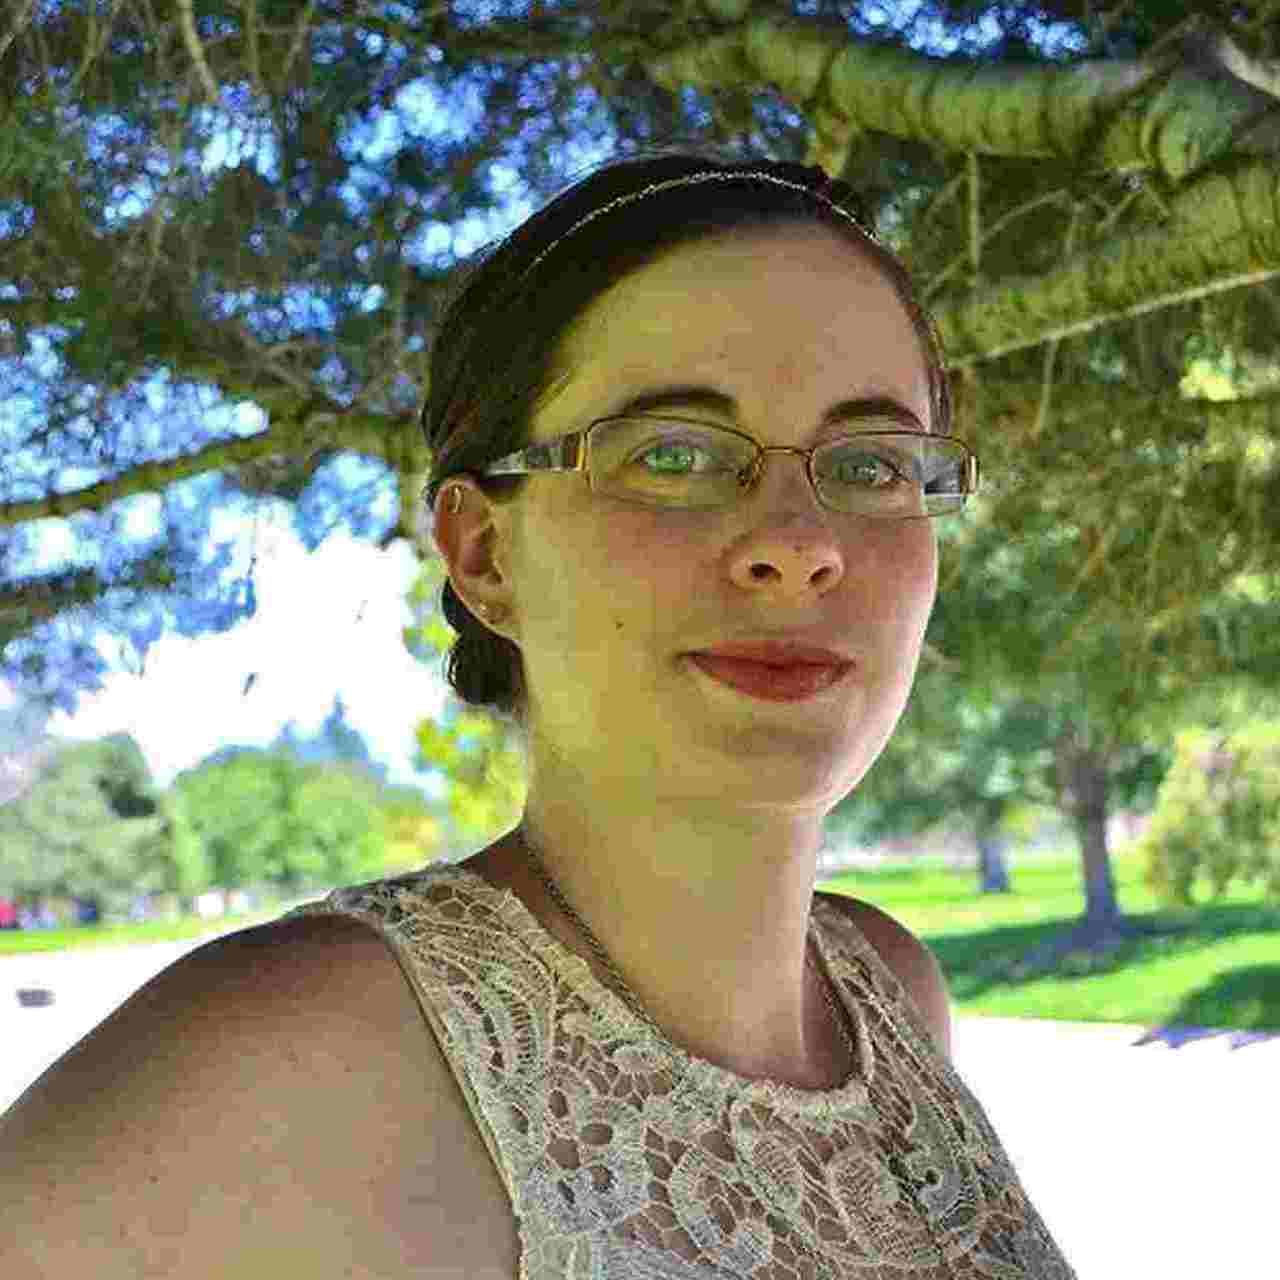 Erin Watson